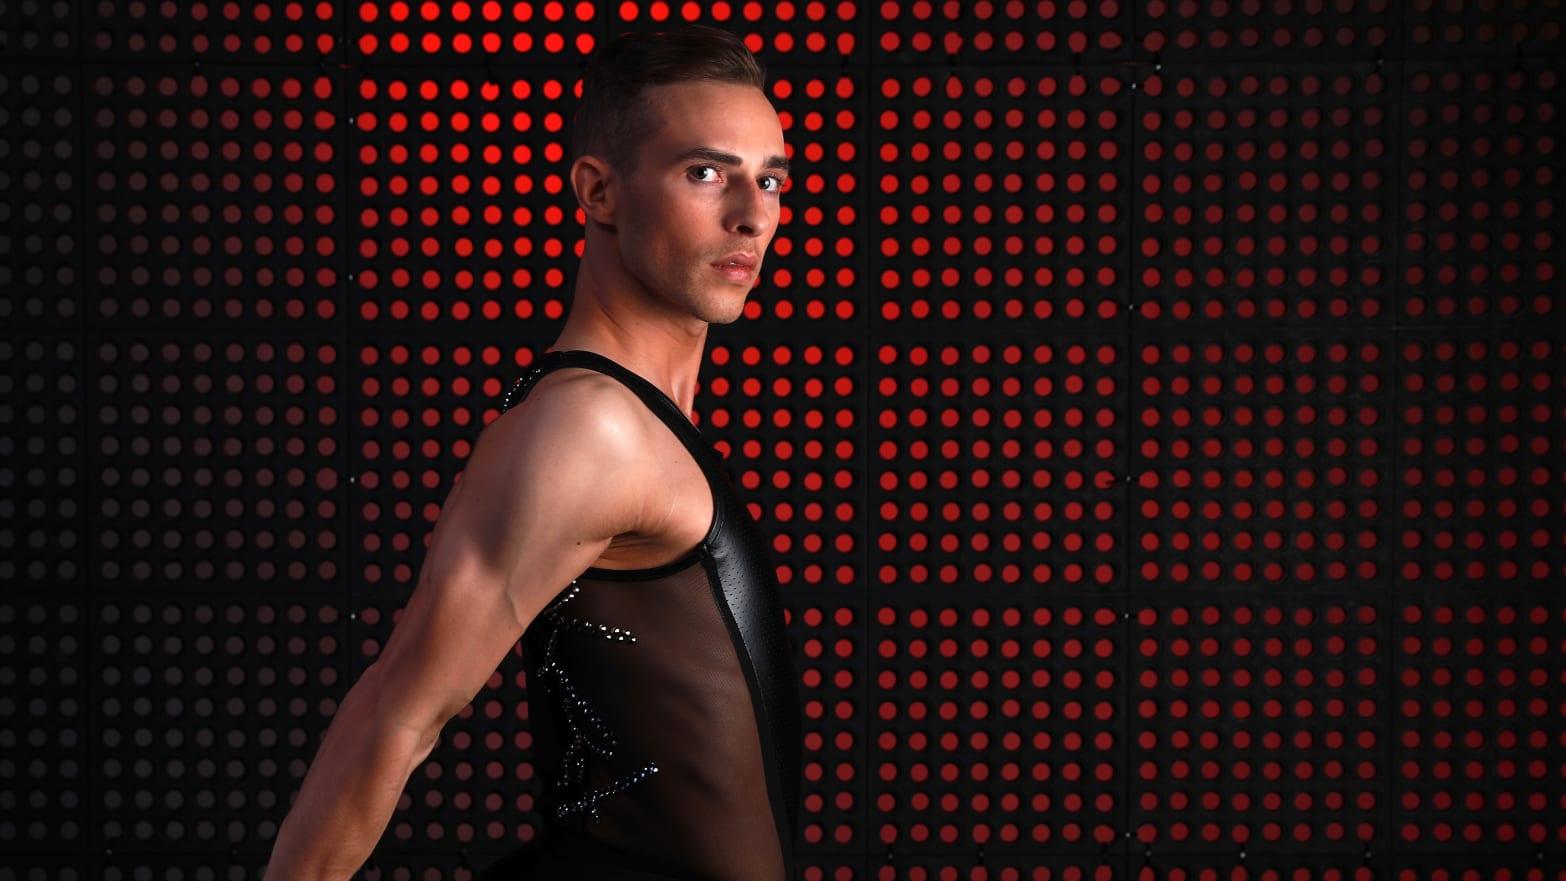 adam rippon team usa saturday night live ice skating snl host men mens gay figure skating